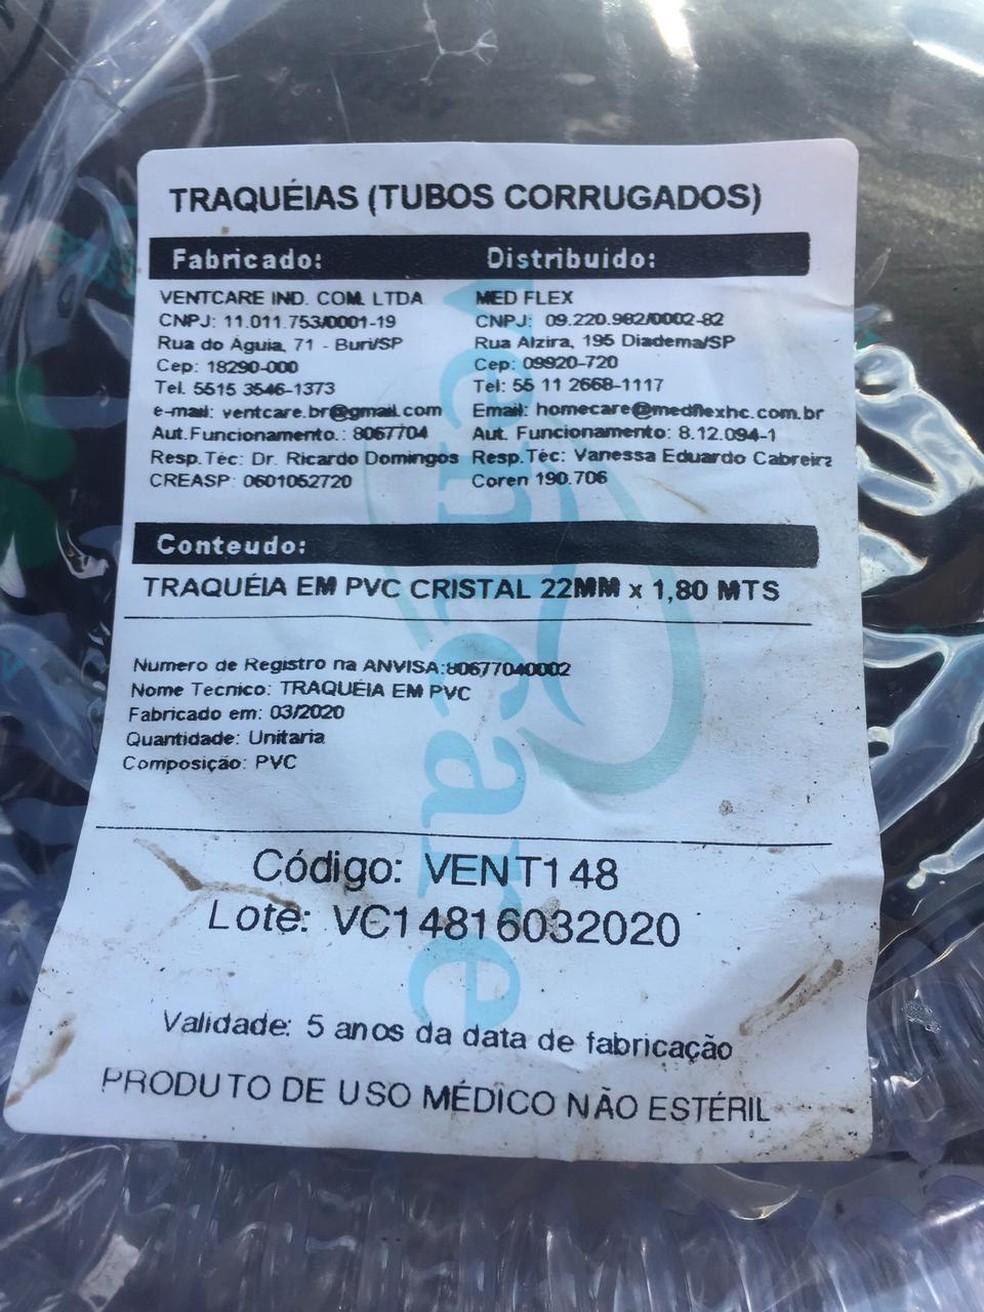 Polícia investiga caso de lixo hospitalar supostamente encontrado a céu aberto em Itatinga (SP) neste sábado (20) — Foto: Arquivo pessoal